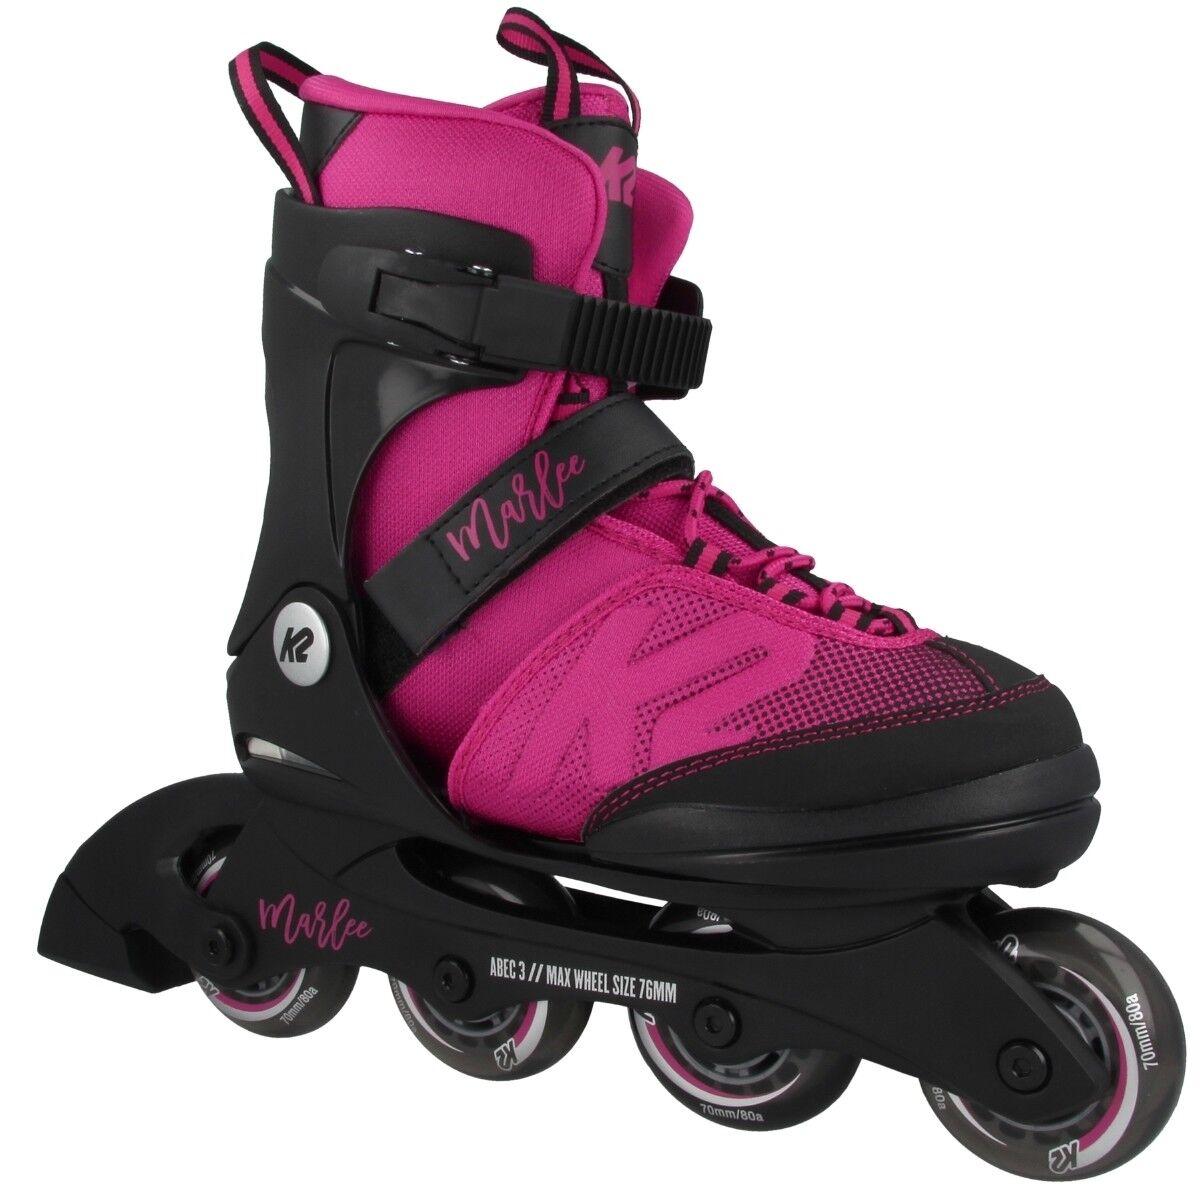 K2 Marlee Kids Inline Inline Inline Skates Kinder Inliner Skating Fahrspaß 70mm 30D0220  | Authentisch  11bff1